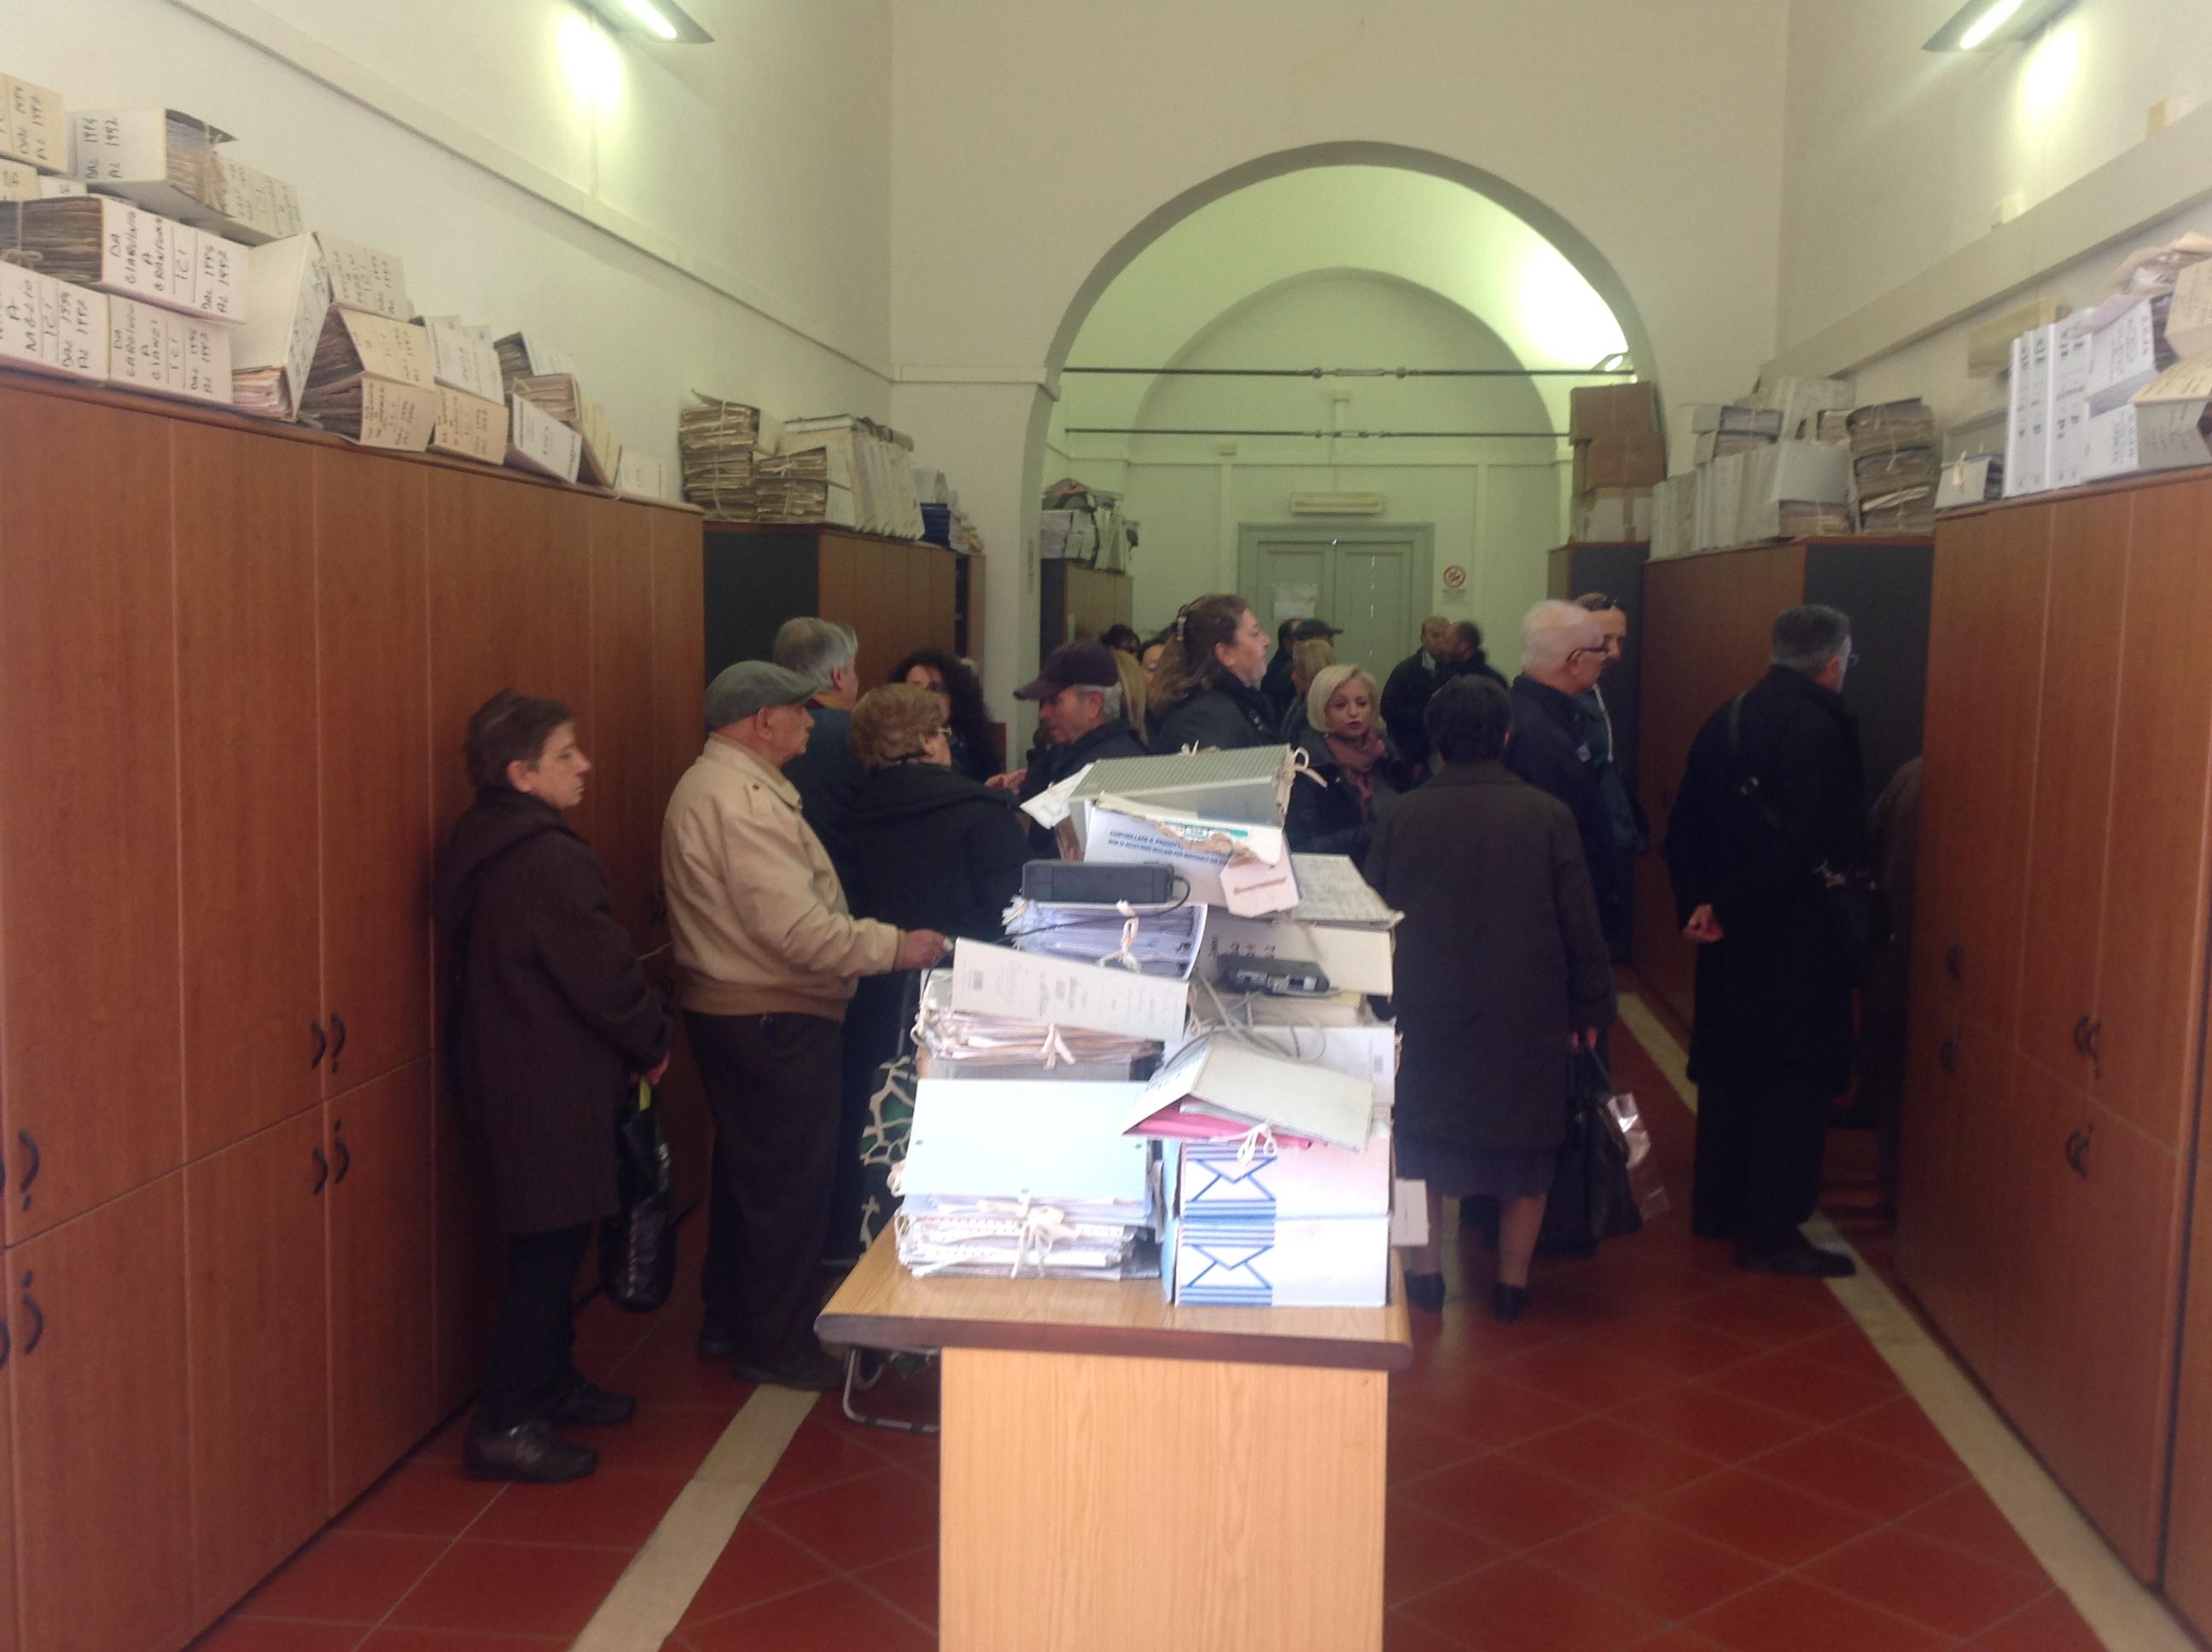 Caos al Comune per ritirare la tassa della Tari: le opposizioni protestano per la scelta dell'Amministrazione Comunale